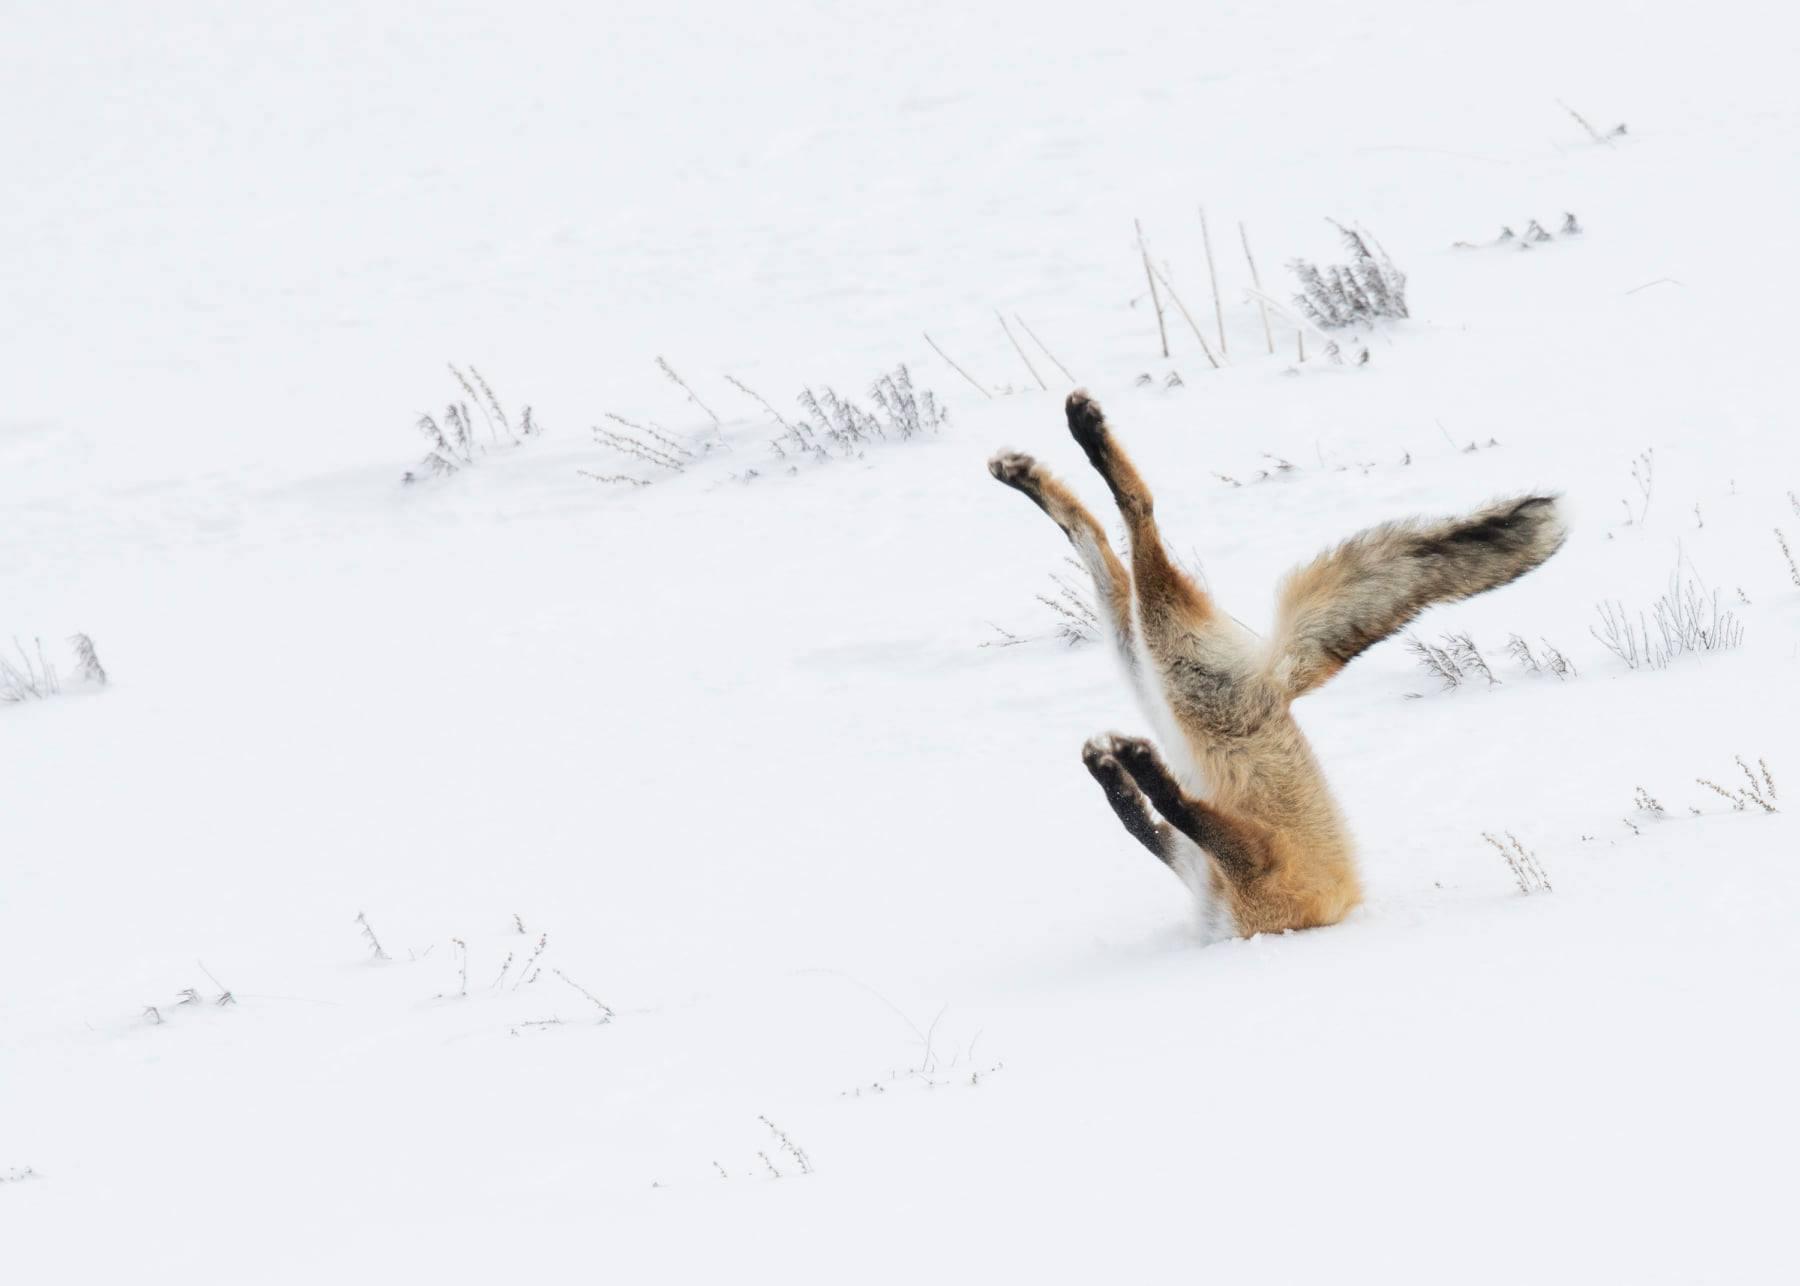 Лучшие смешные снимки дикой природы 2020